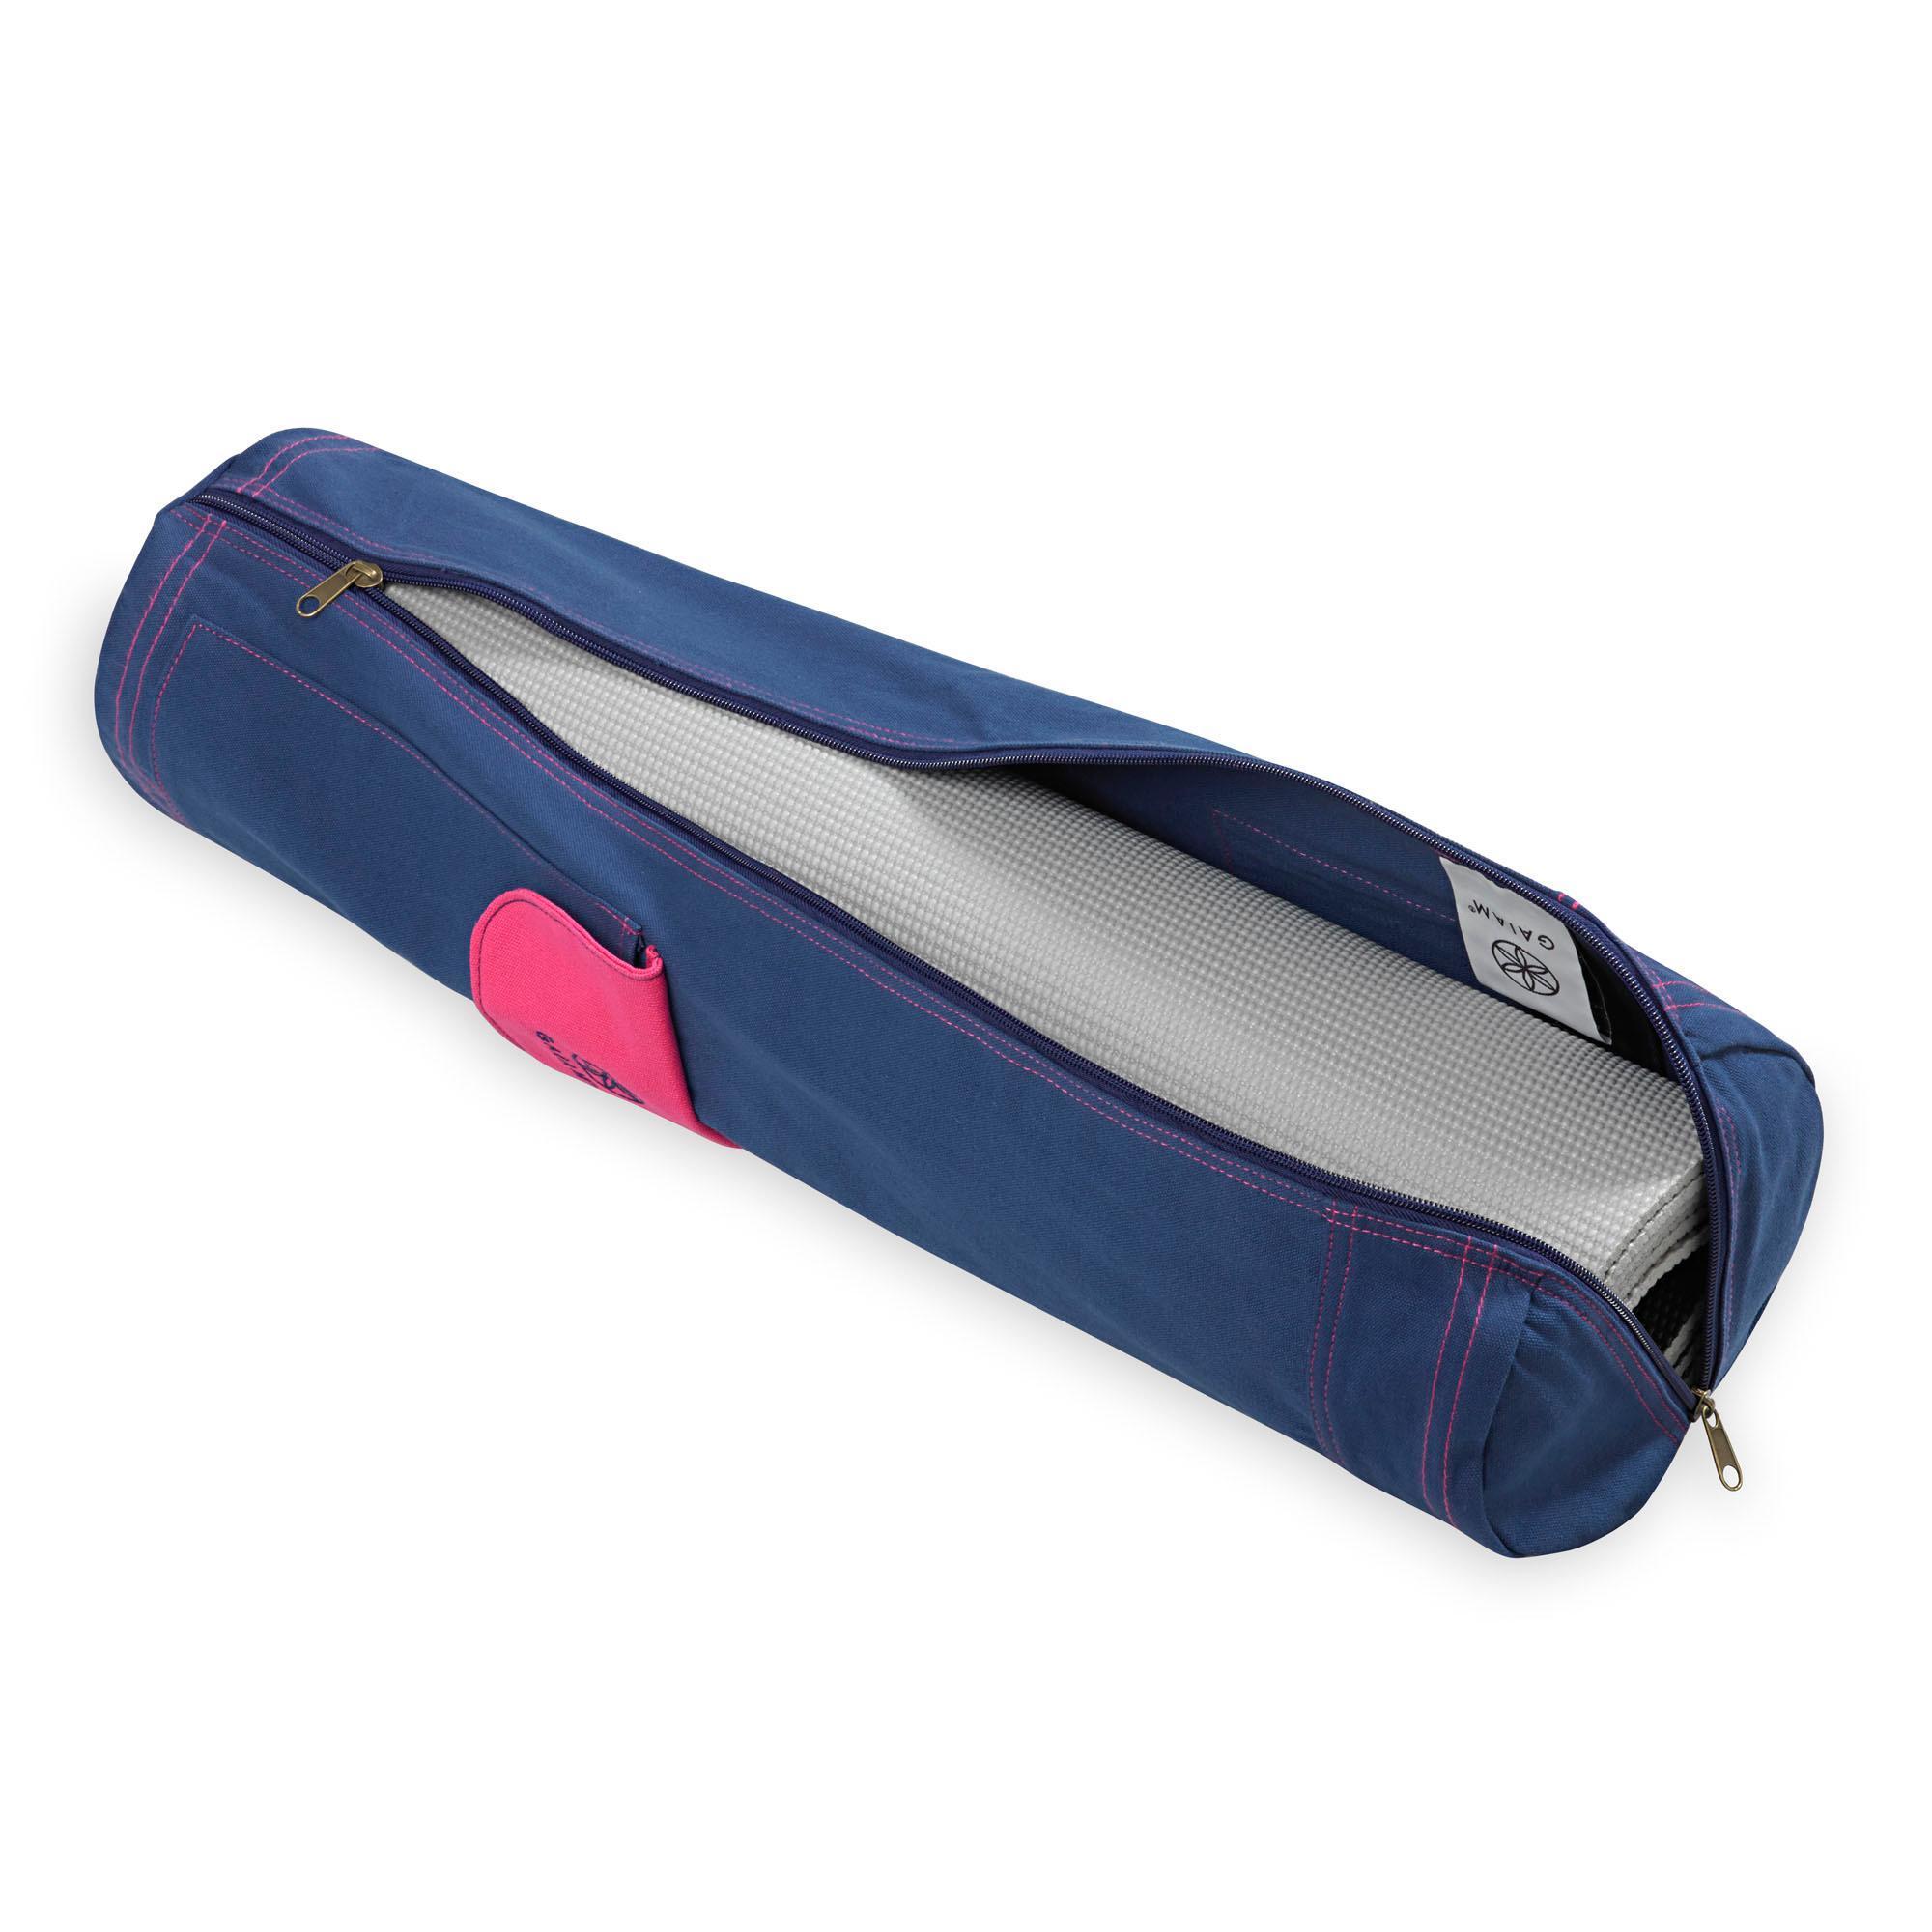 Gaiam Cargo Yoga Mat Bag, Watercress